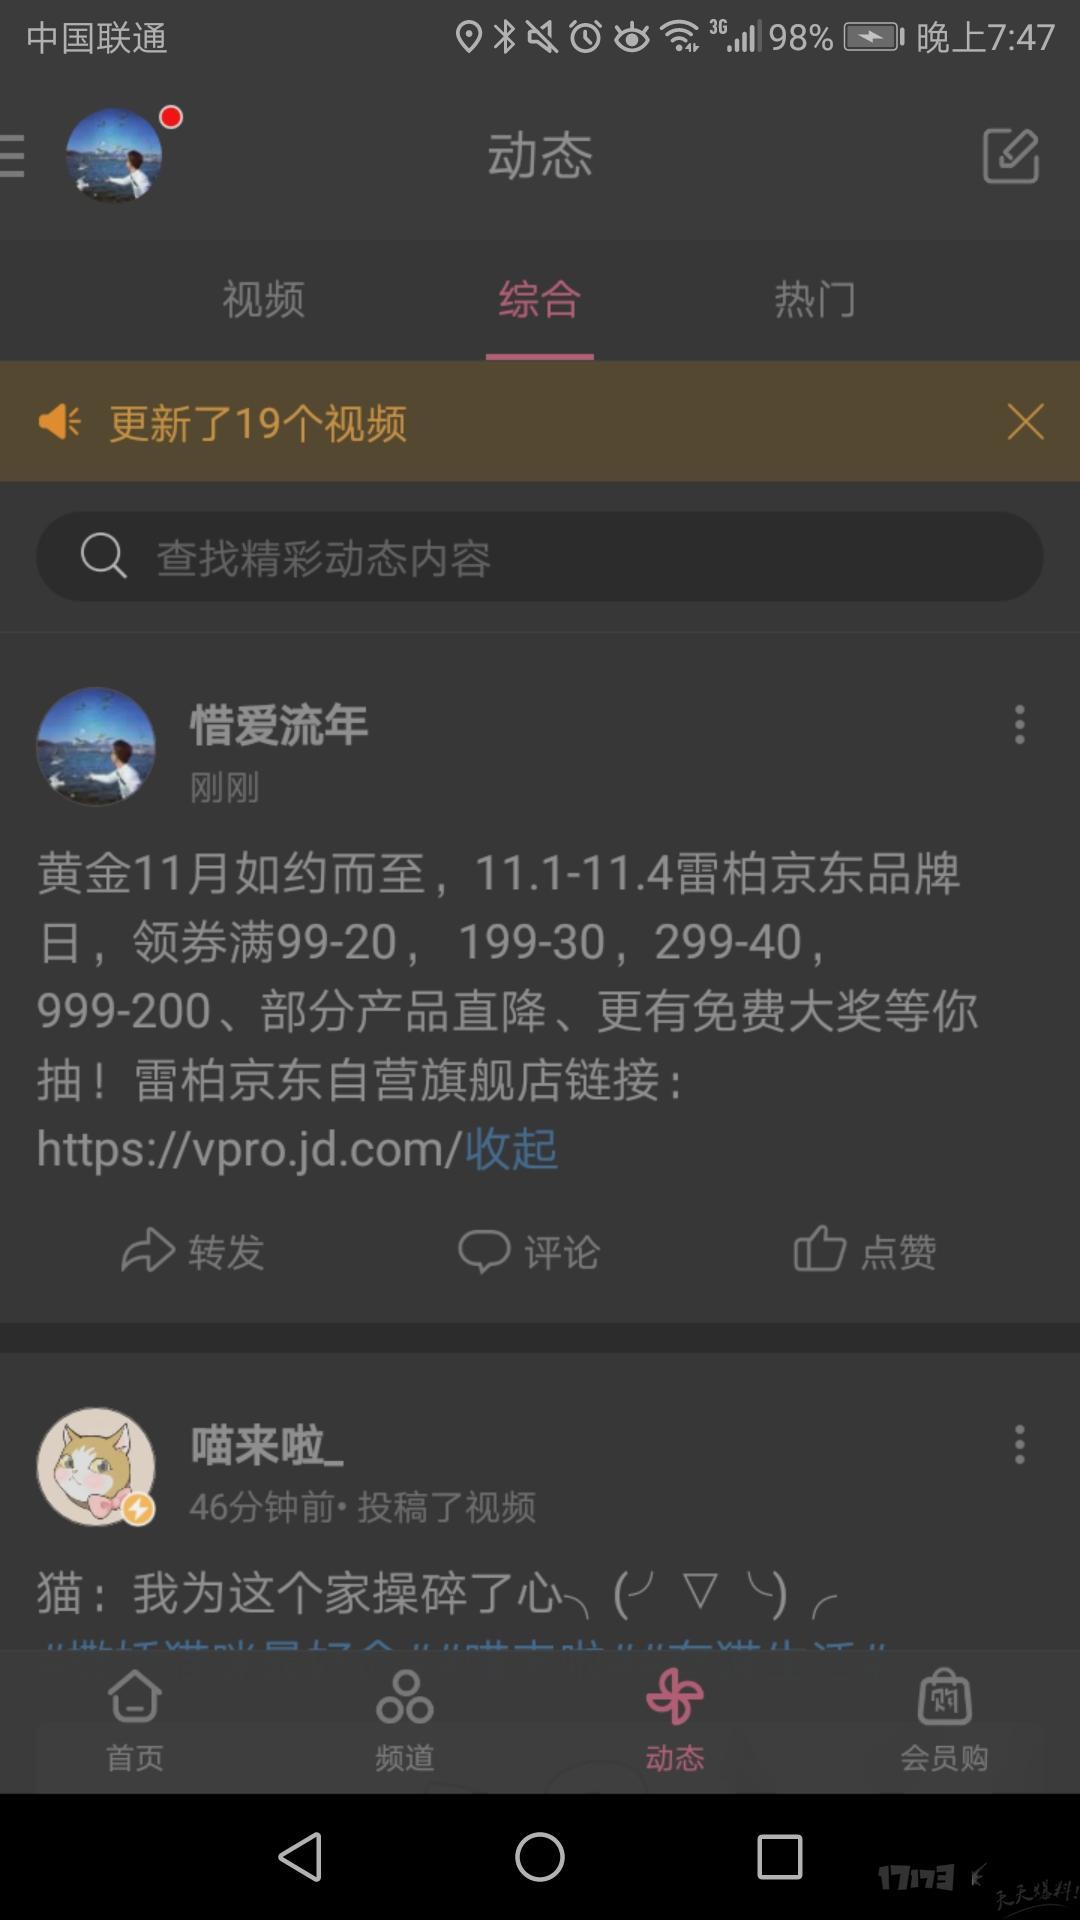 Screenshot_20191101-194708.jpg